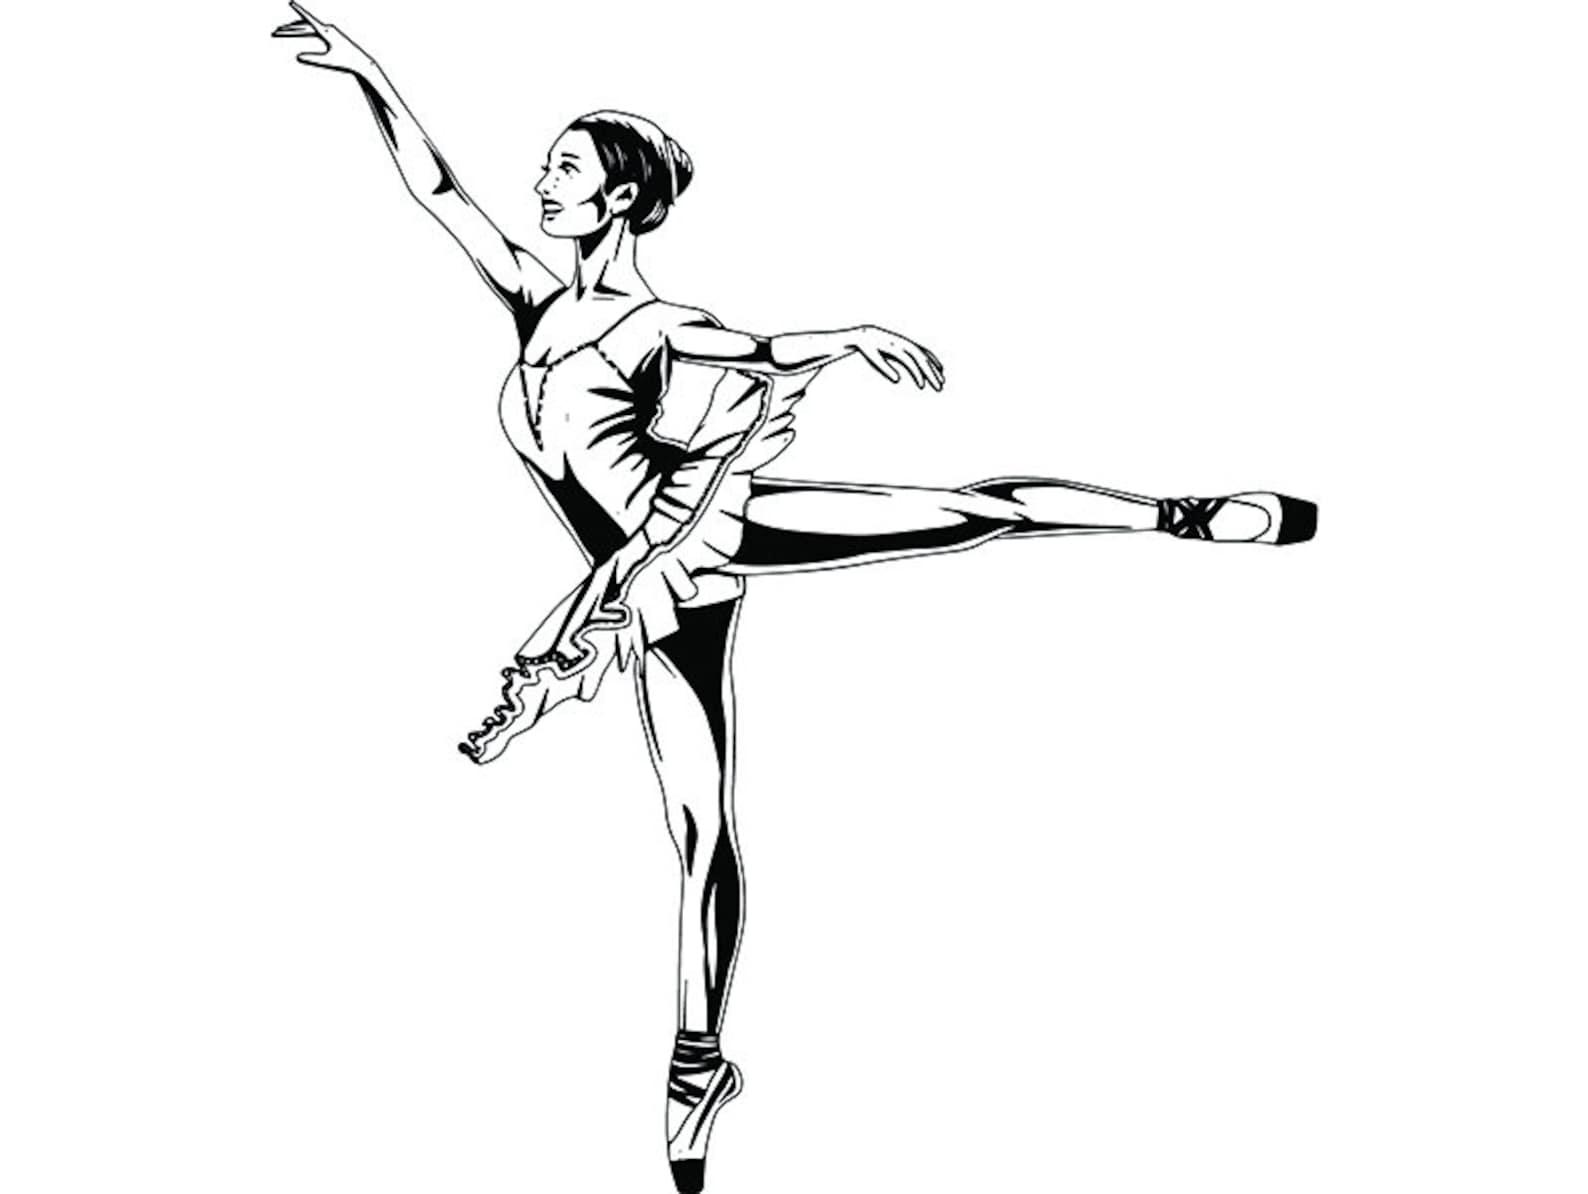 ballet dancer #3 ballerina music dance performance dancing dancer classical grace logo .svg .png clipart vector cricut cut cutti